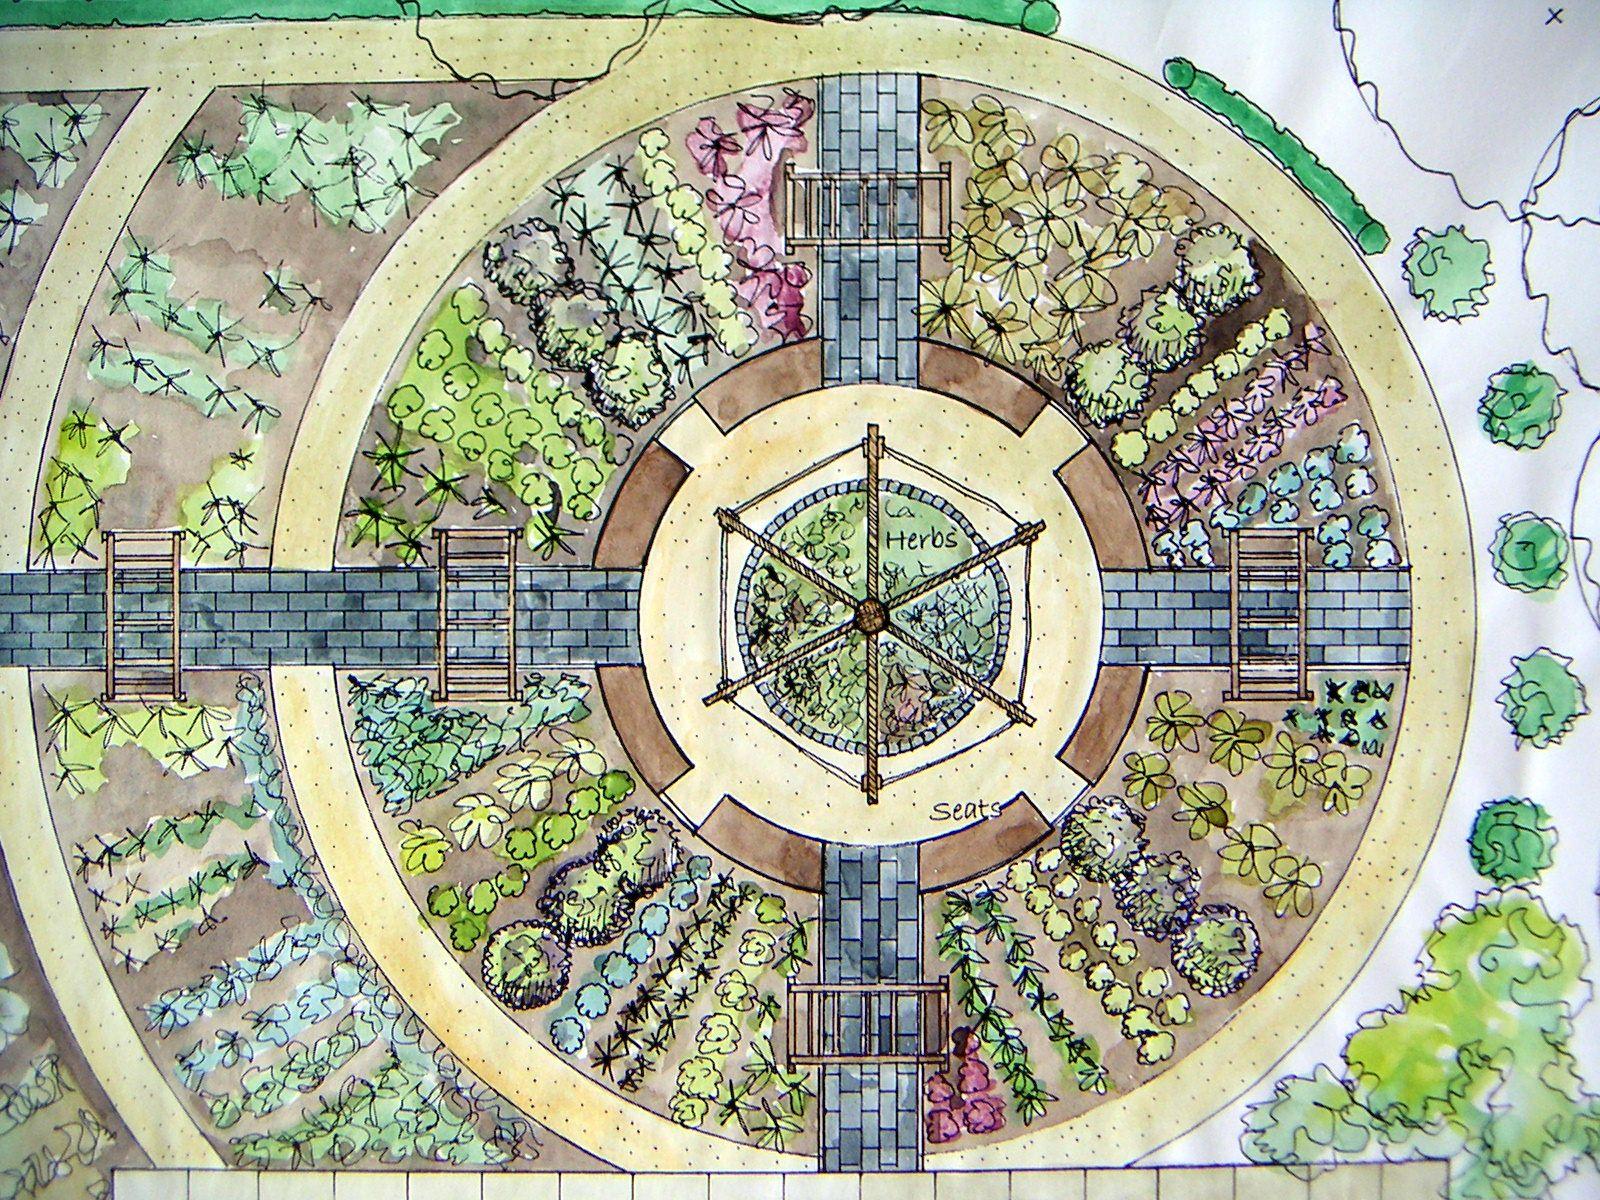 Garden Plan: Vegetable Garden ©TheGardenSmith